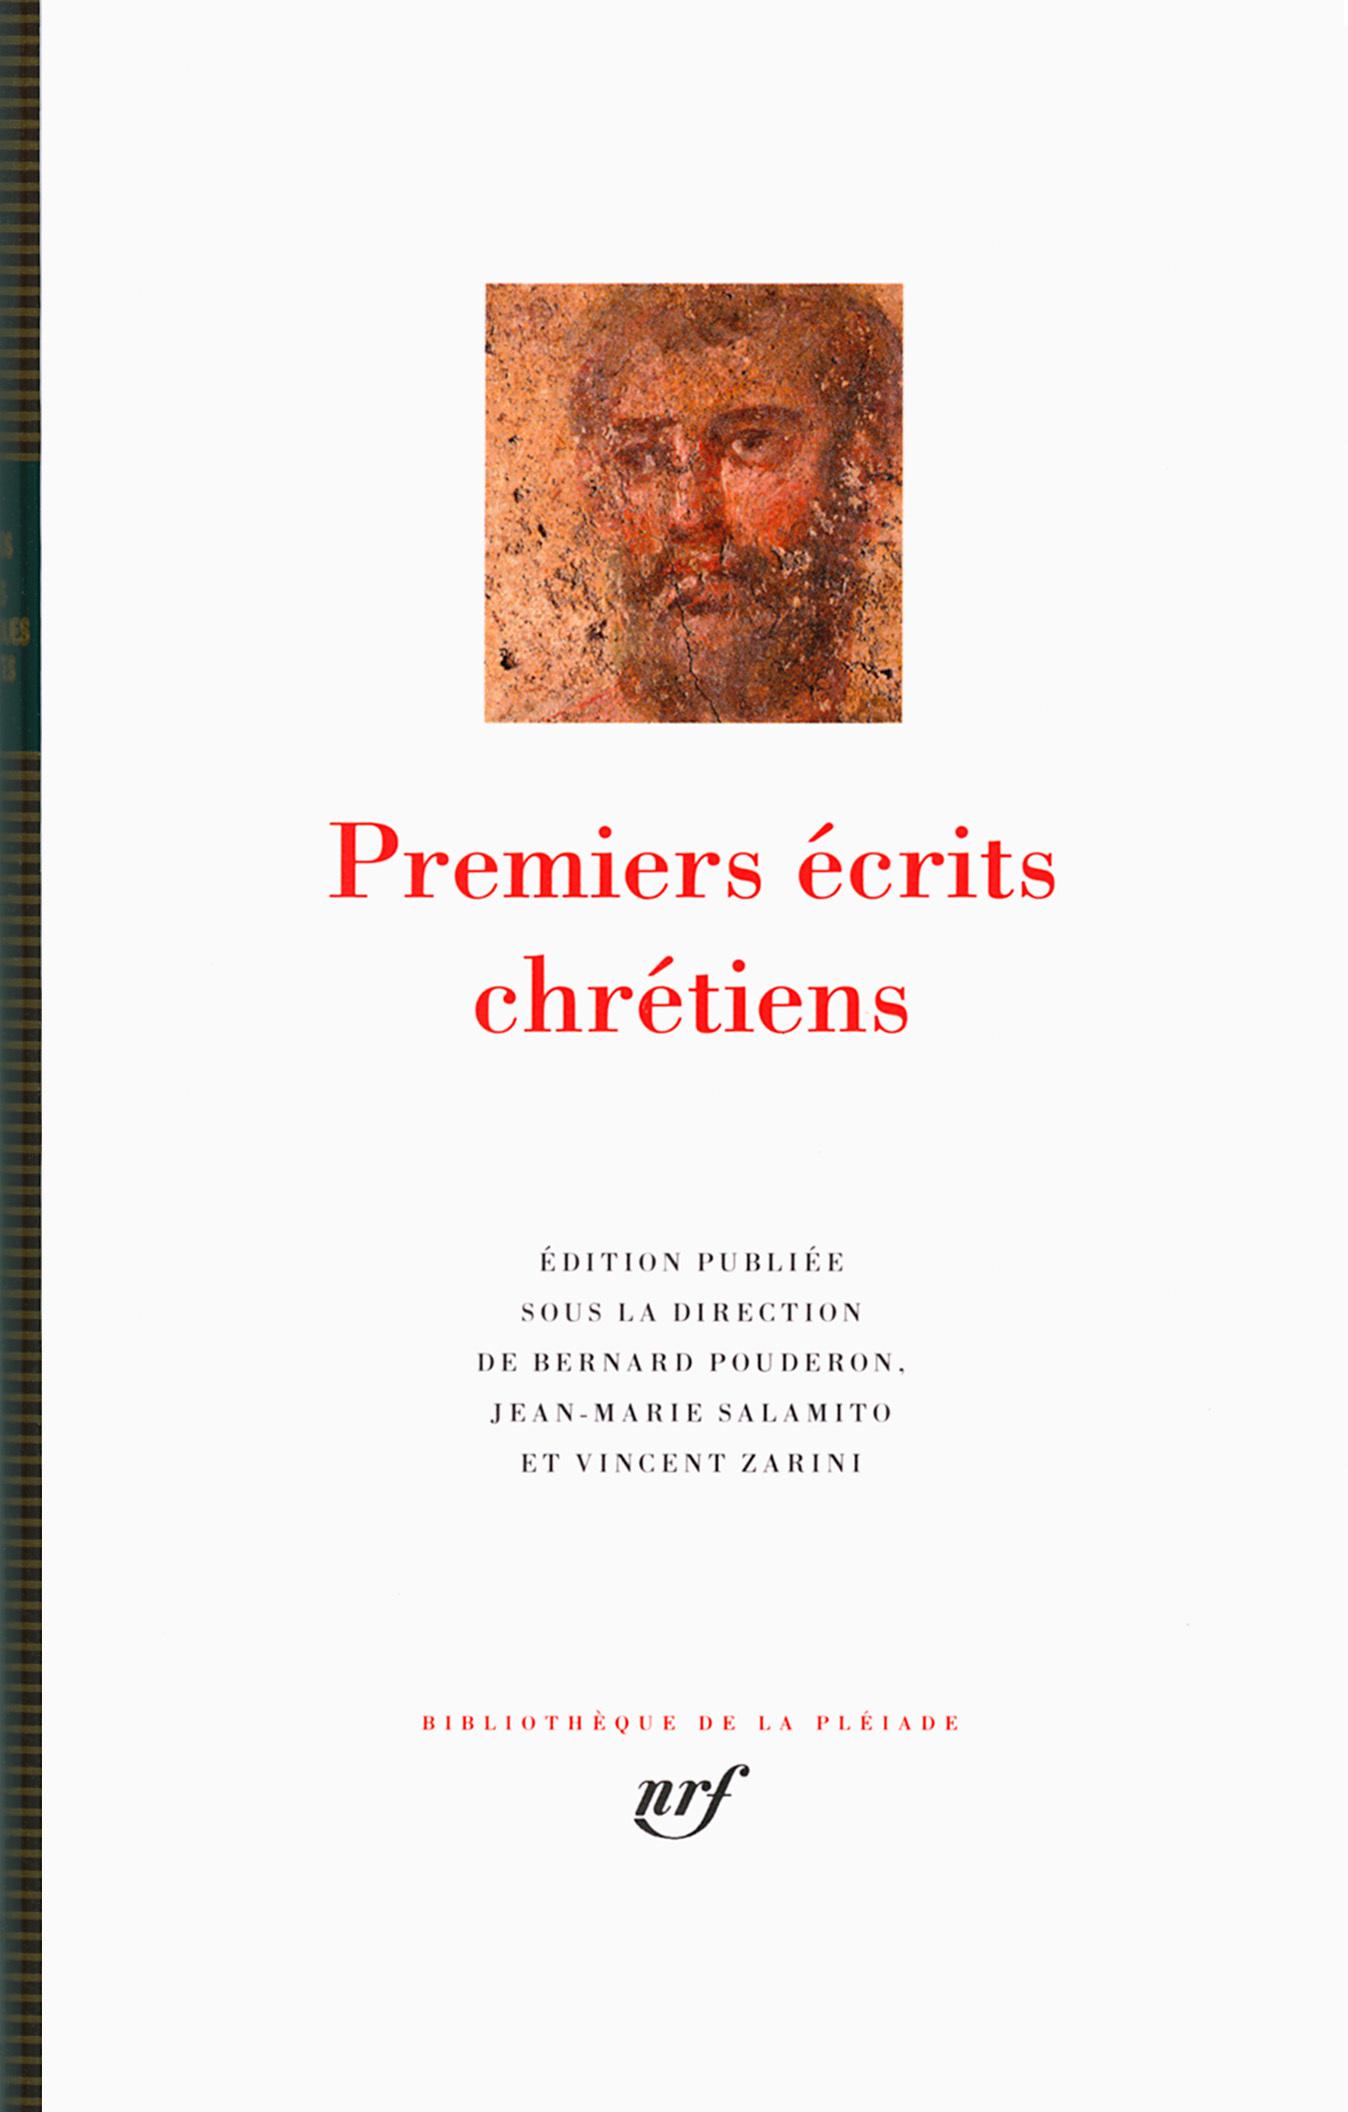 PREMIERS ECRITS CHRETIENS